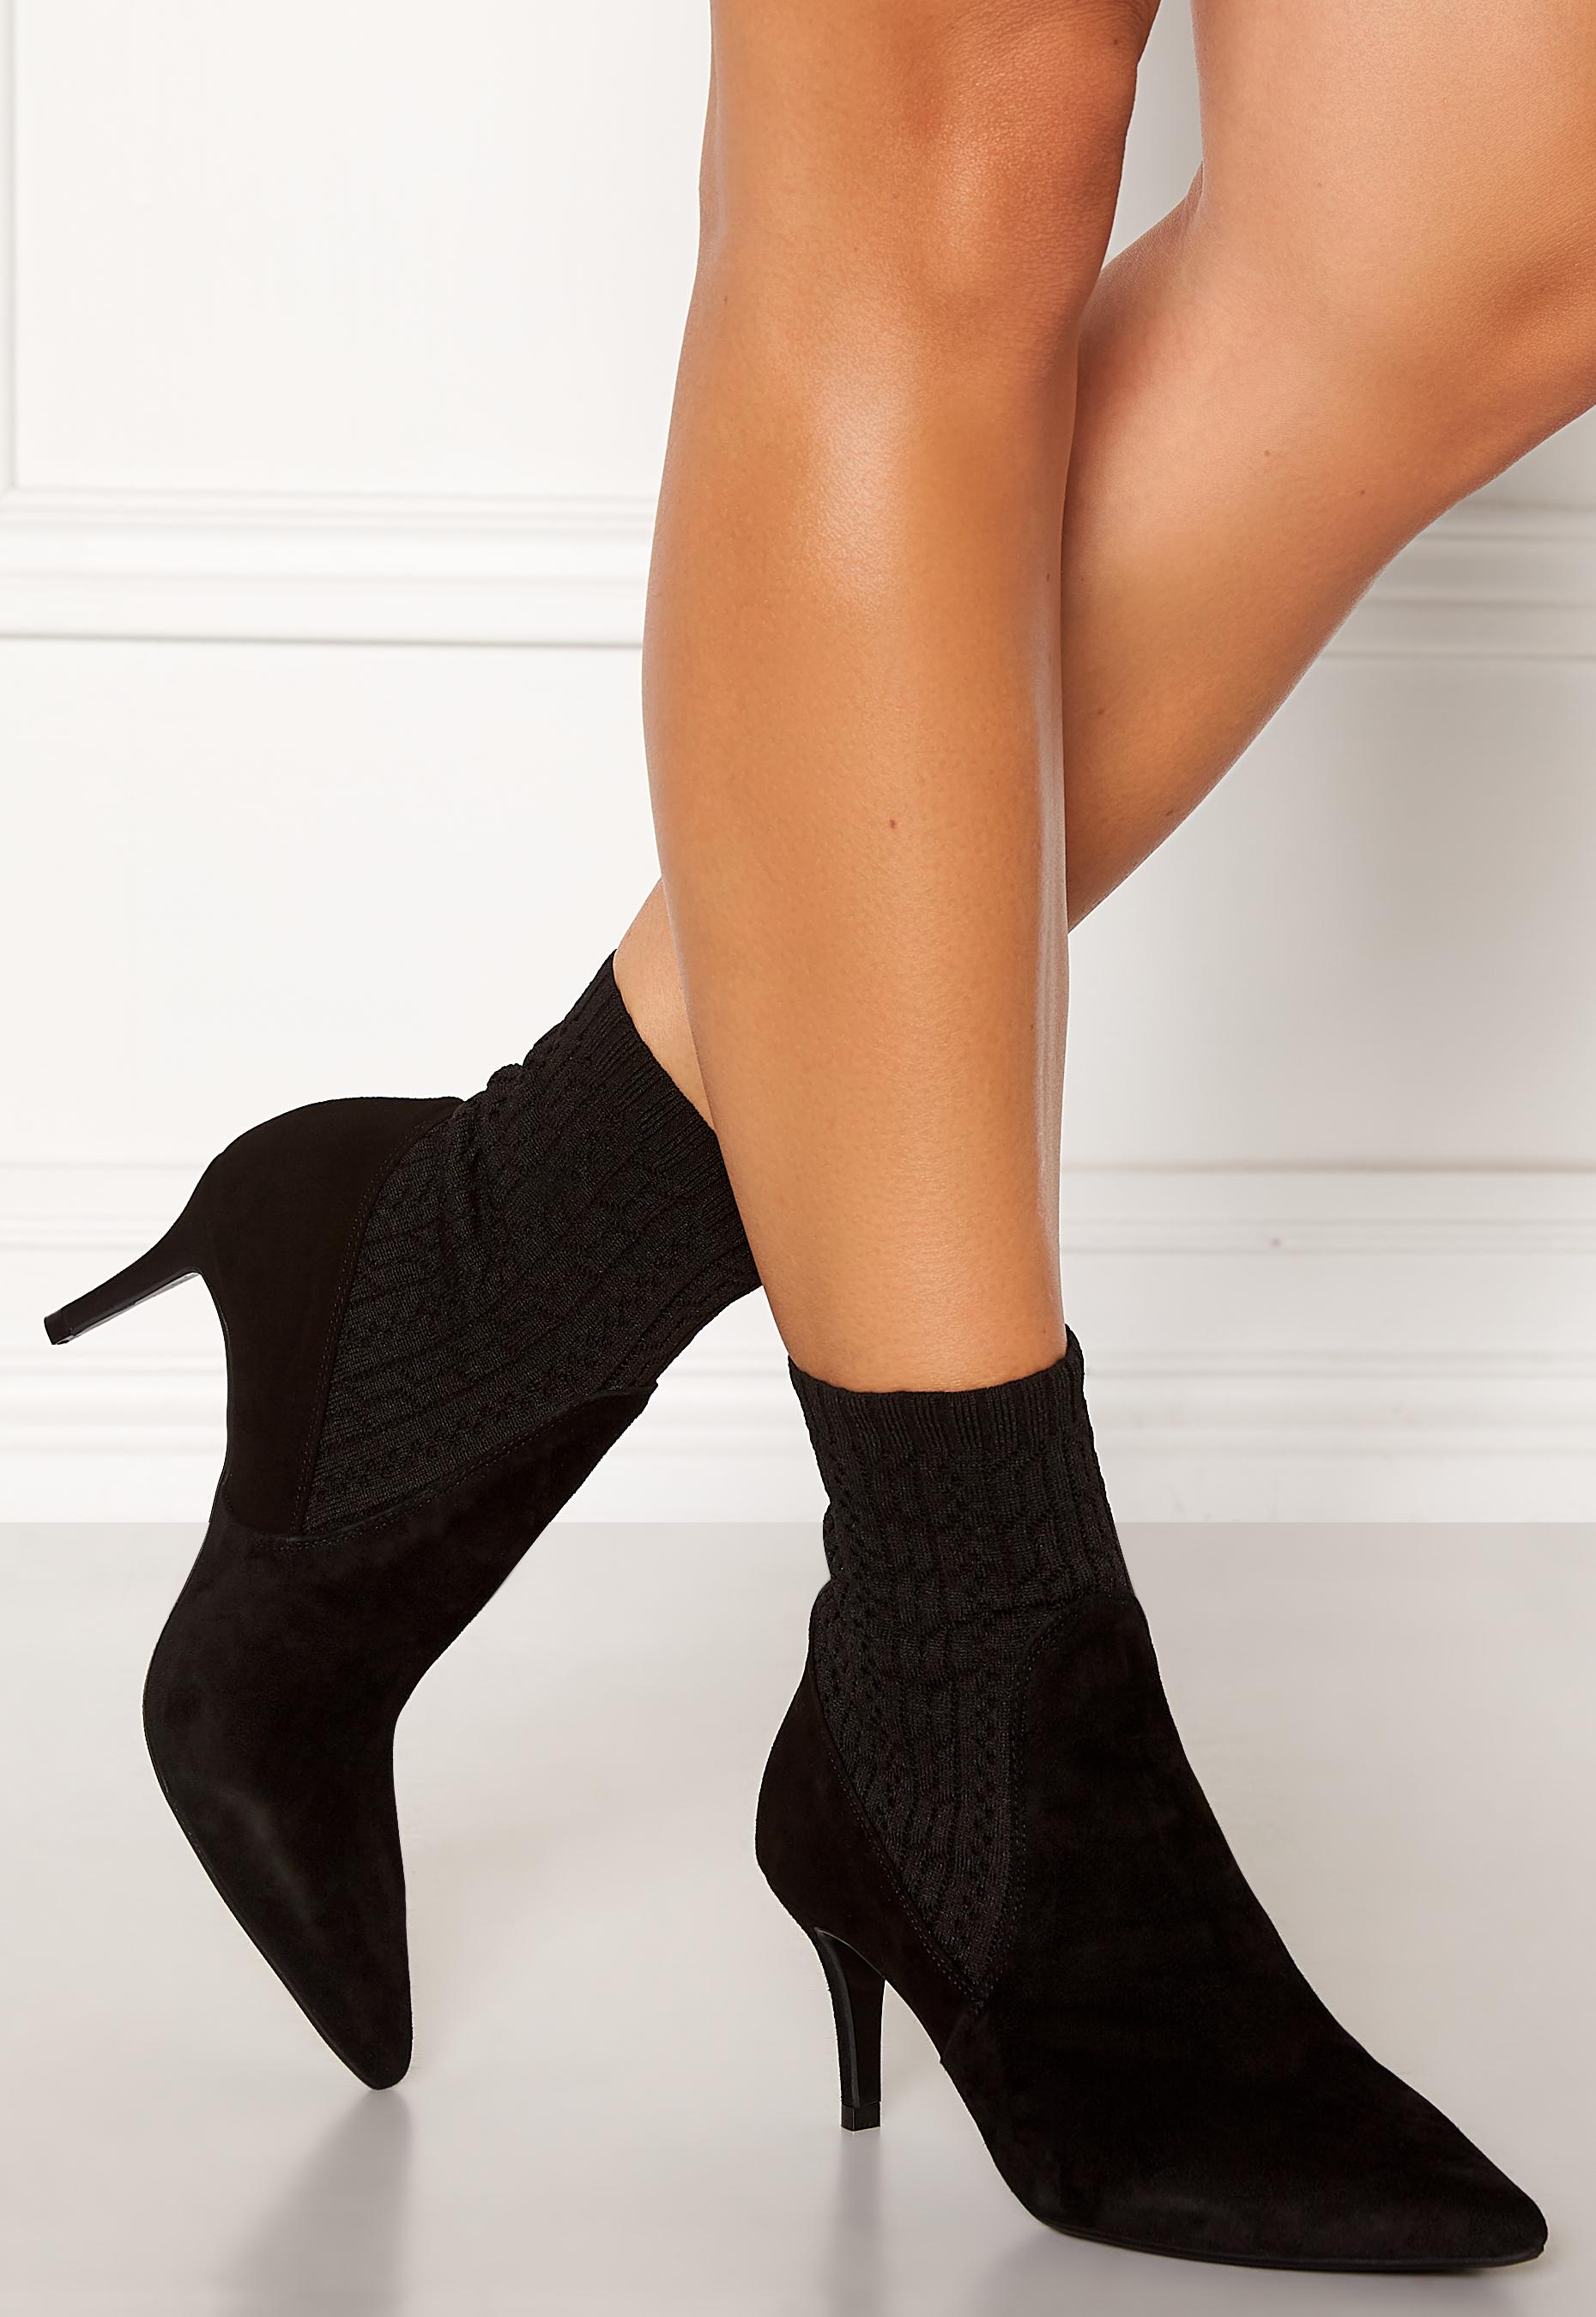 buy billi bi boots, billi bi pumps sko med hæl black suede